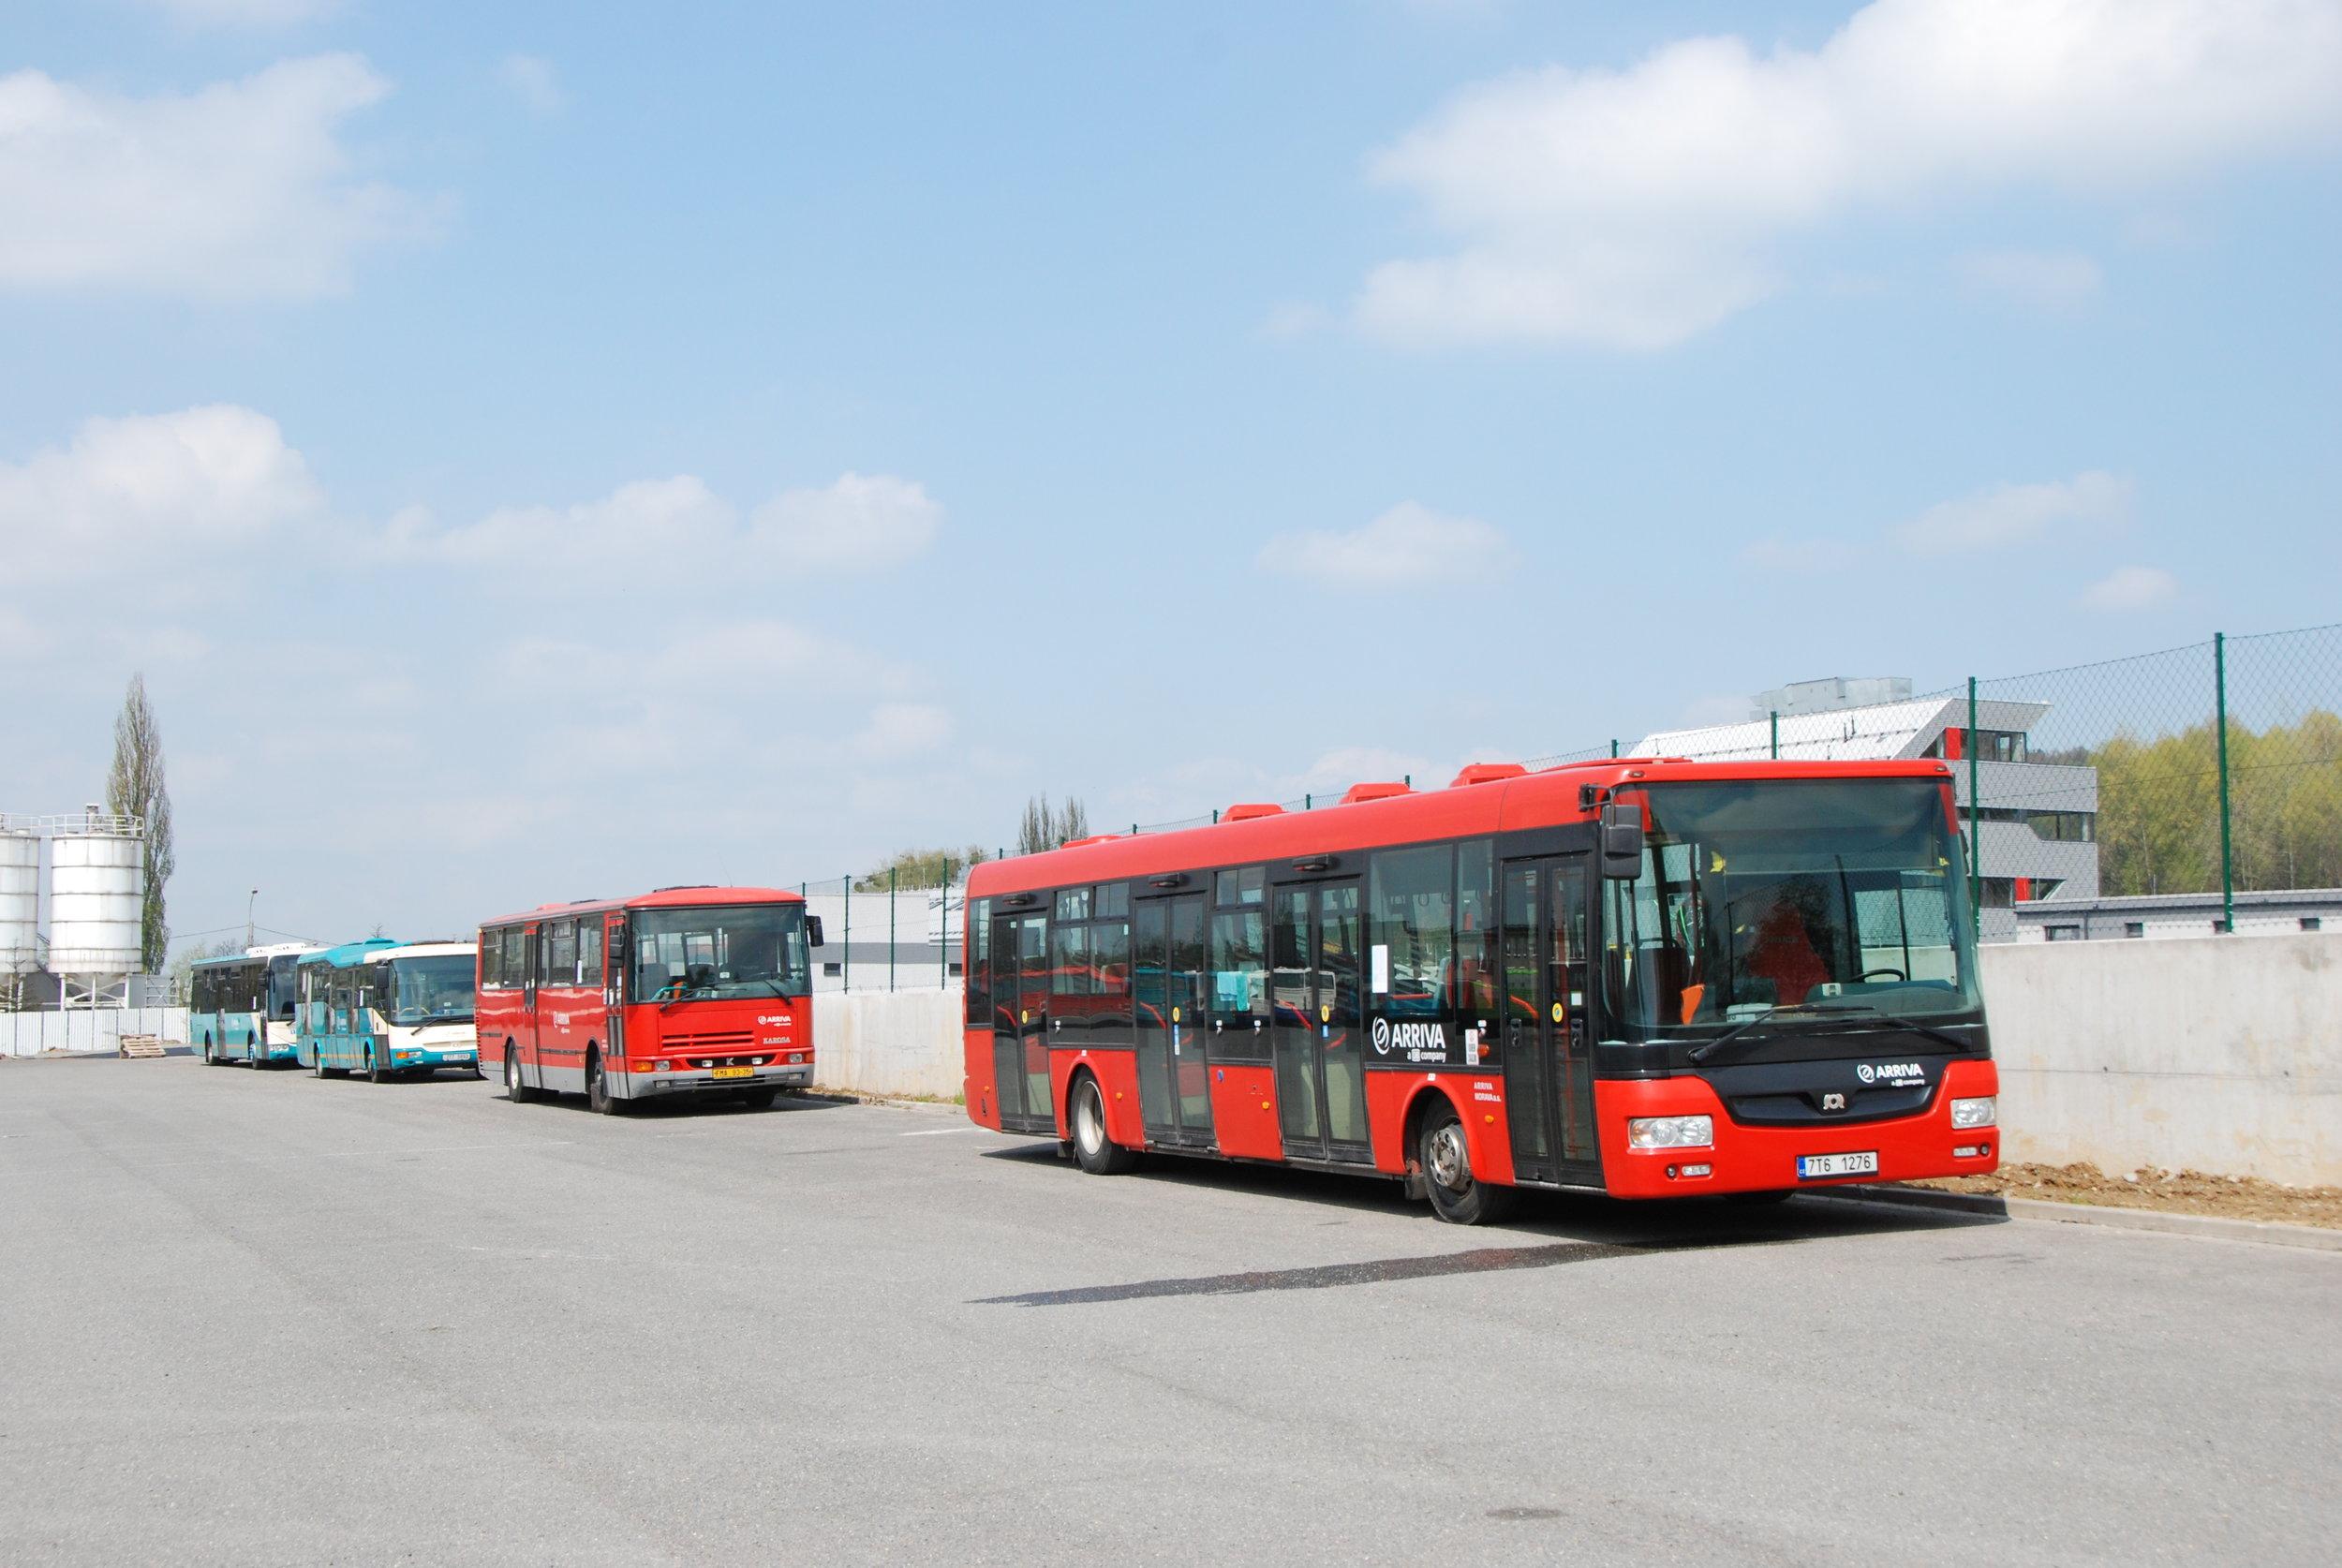 V třineckých garážích byly připraveny k fotografování také další autobusy, jež se objevují na linkách městské a příměstské dopravy. (foto: Libor Hinčica)